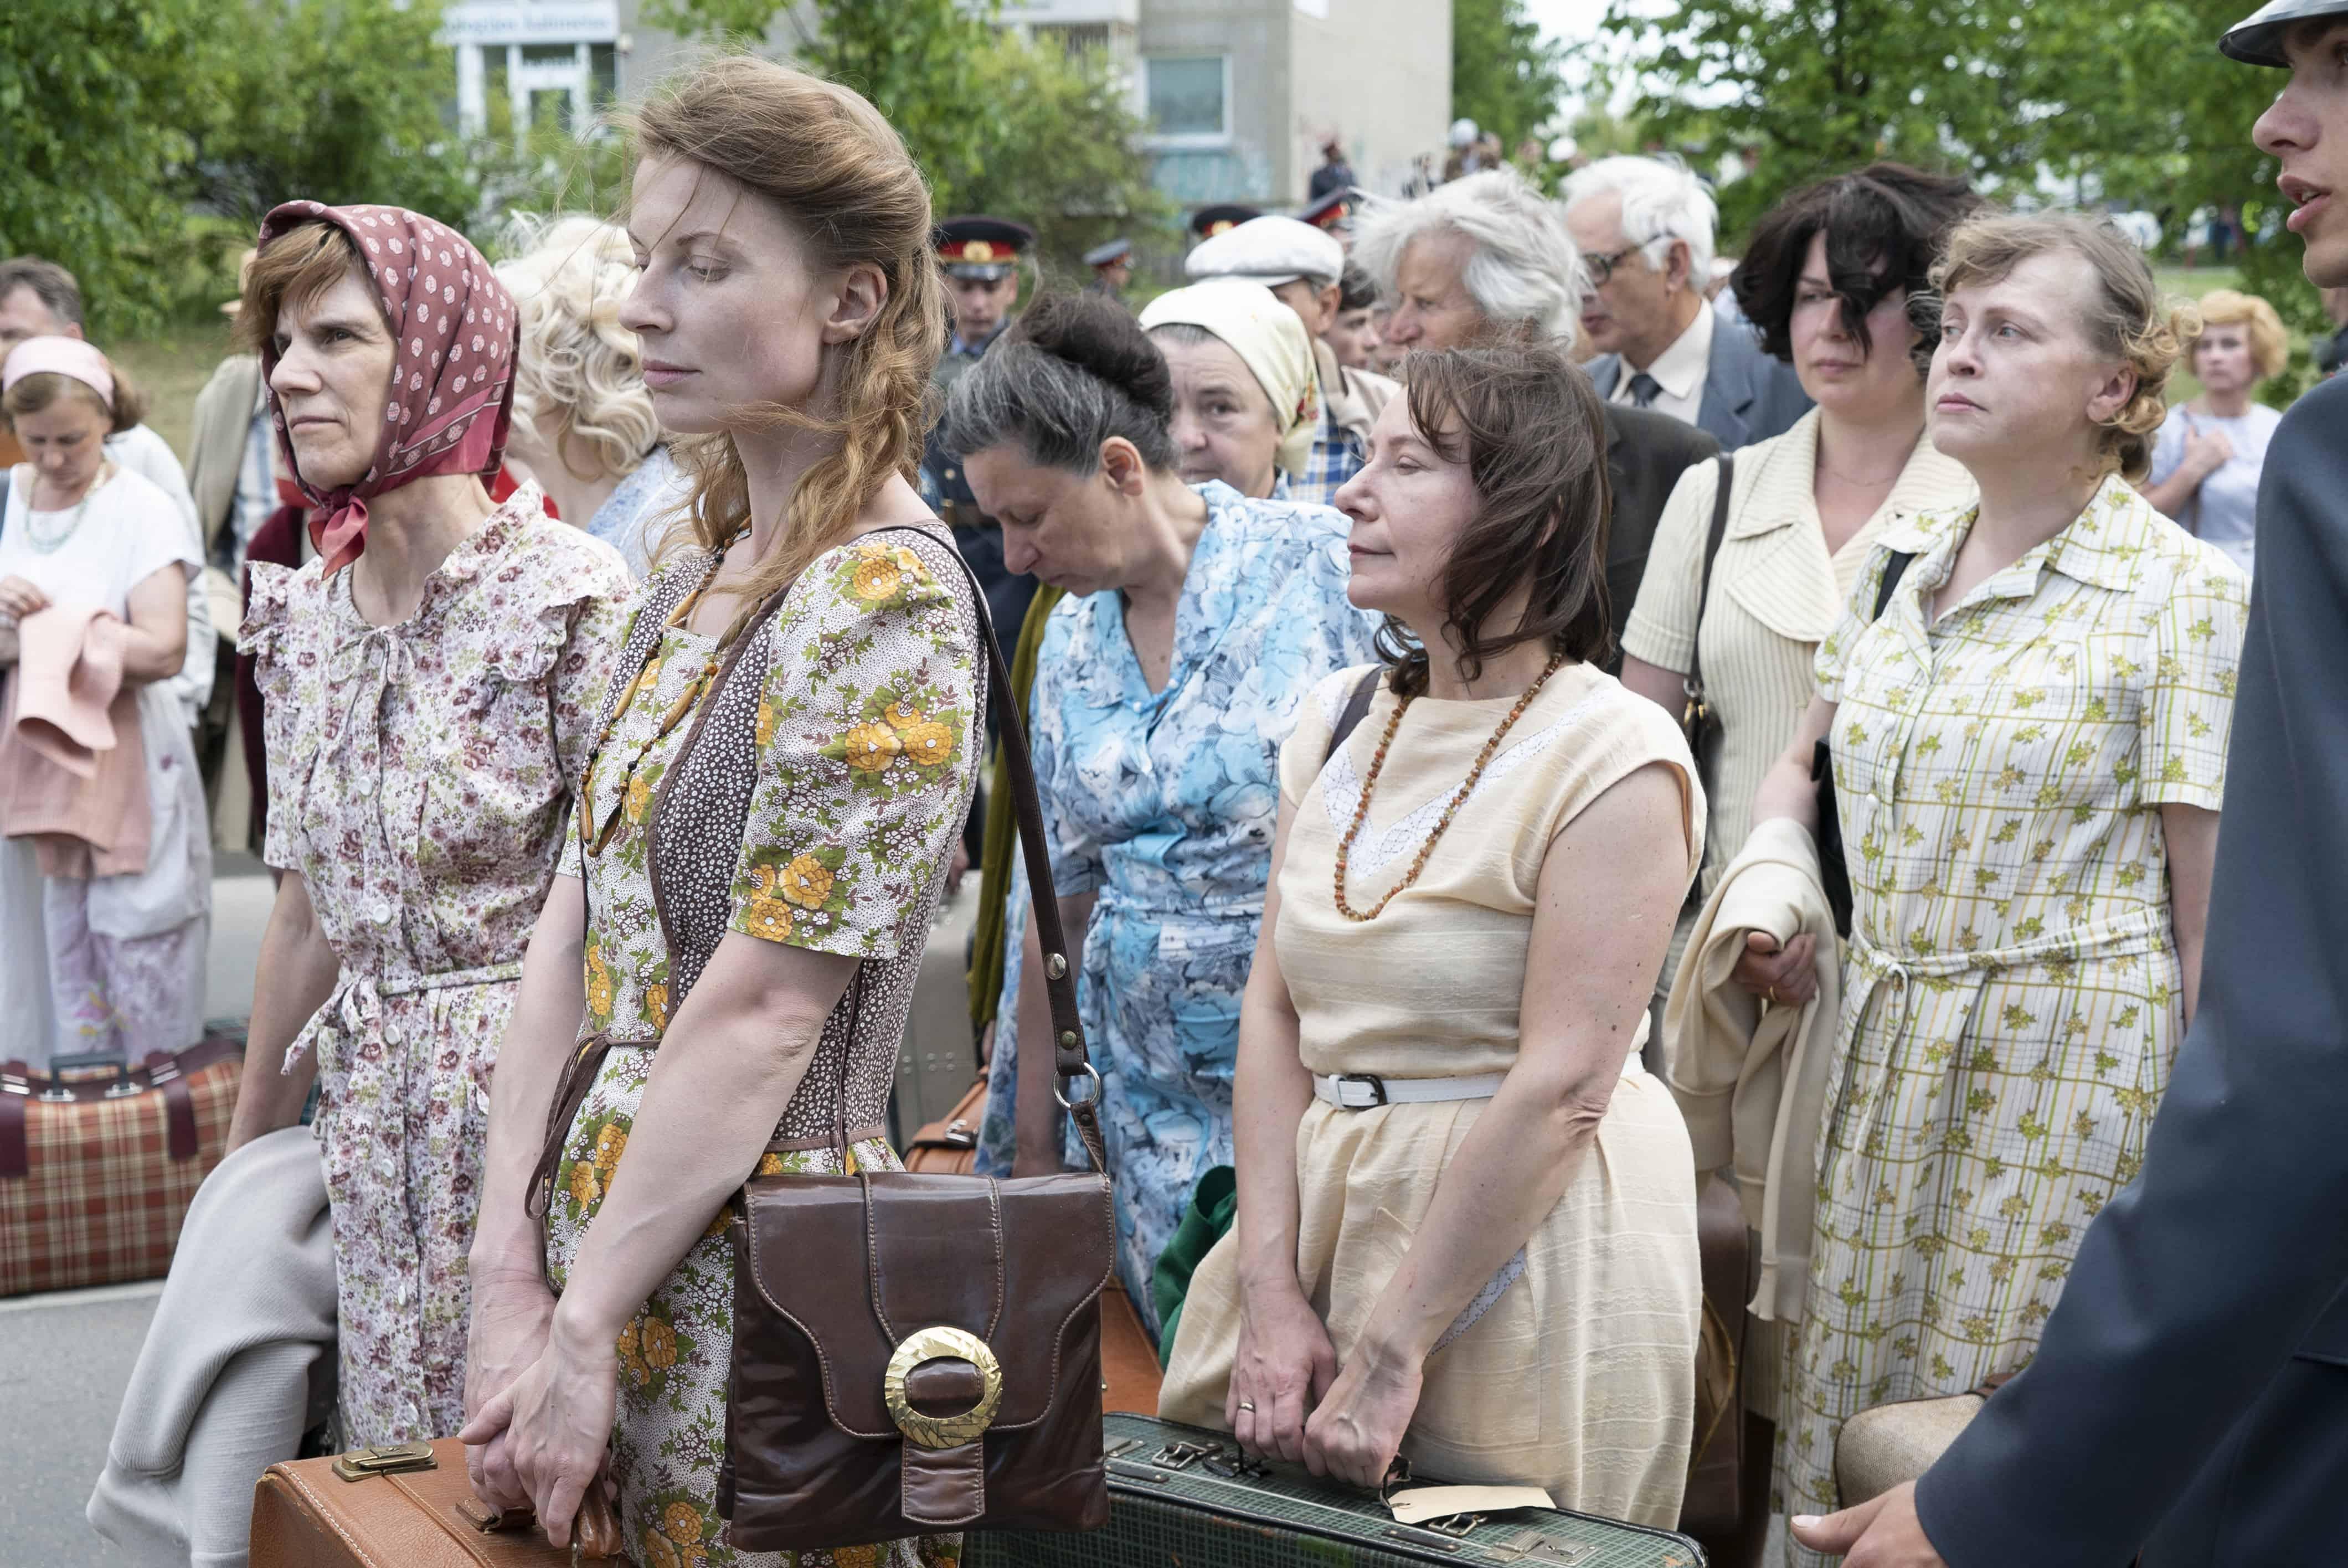 L'excursion sur le thème de Chernobyl, la série de HBO